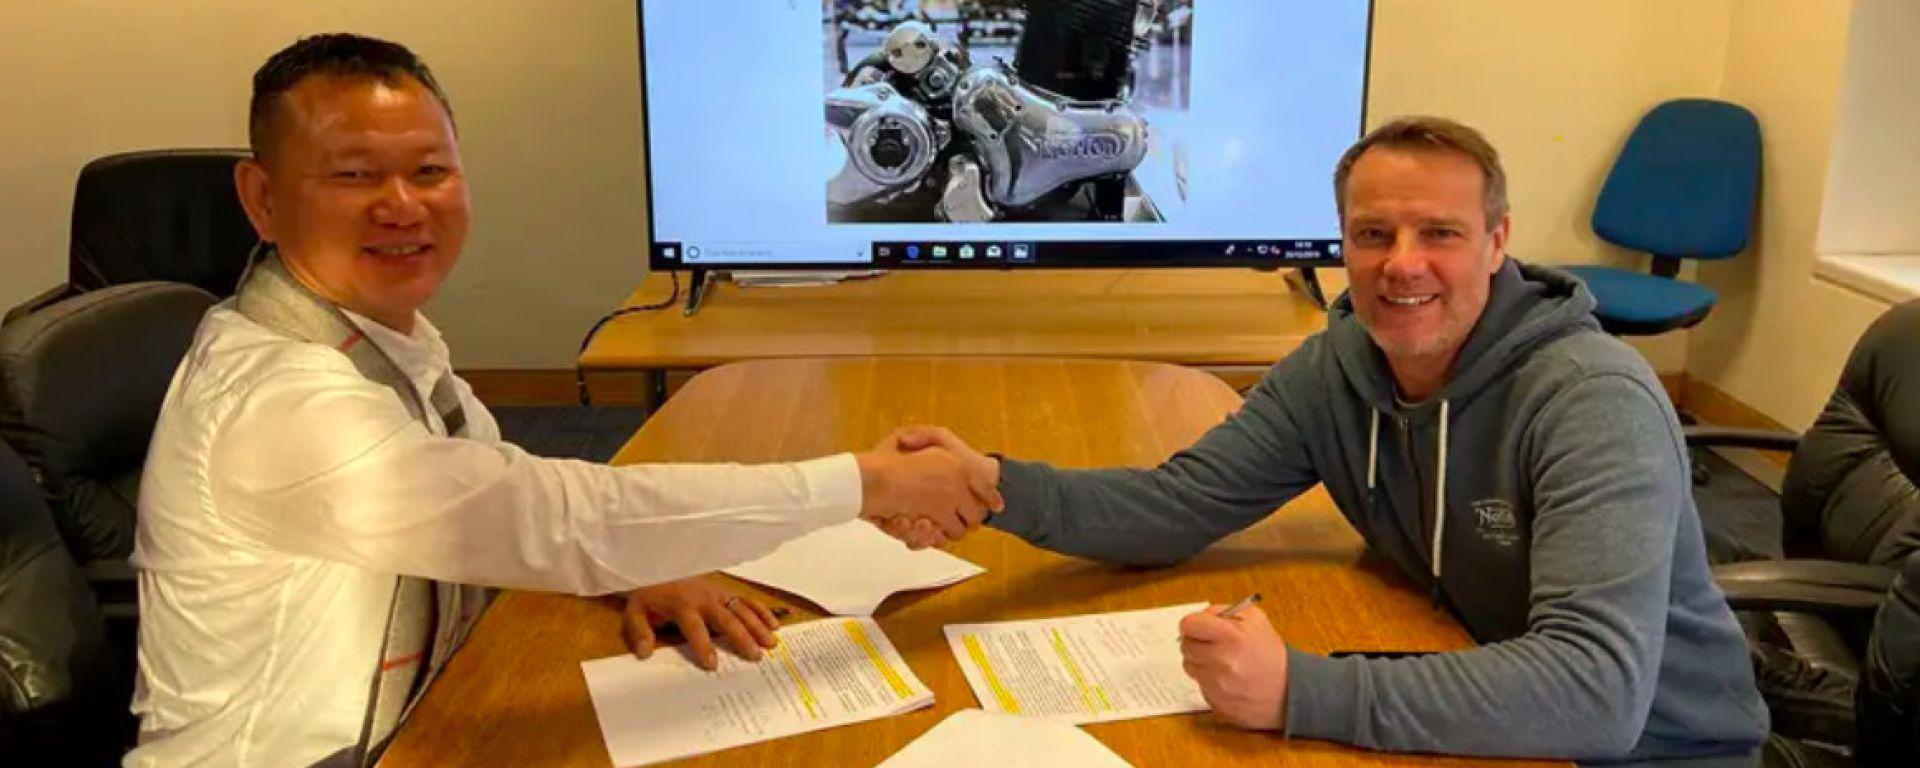 Huacong Wu, direttore della Jinlang Scienze & Technology Co, e Stuart Garner, all'epocaCEO di Norton Motorcycles, si stringono